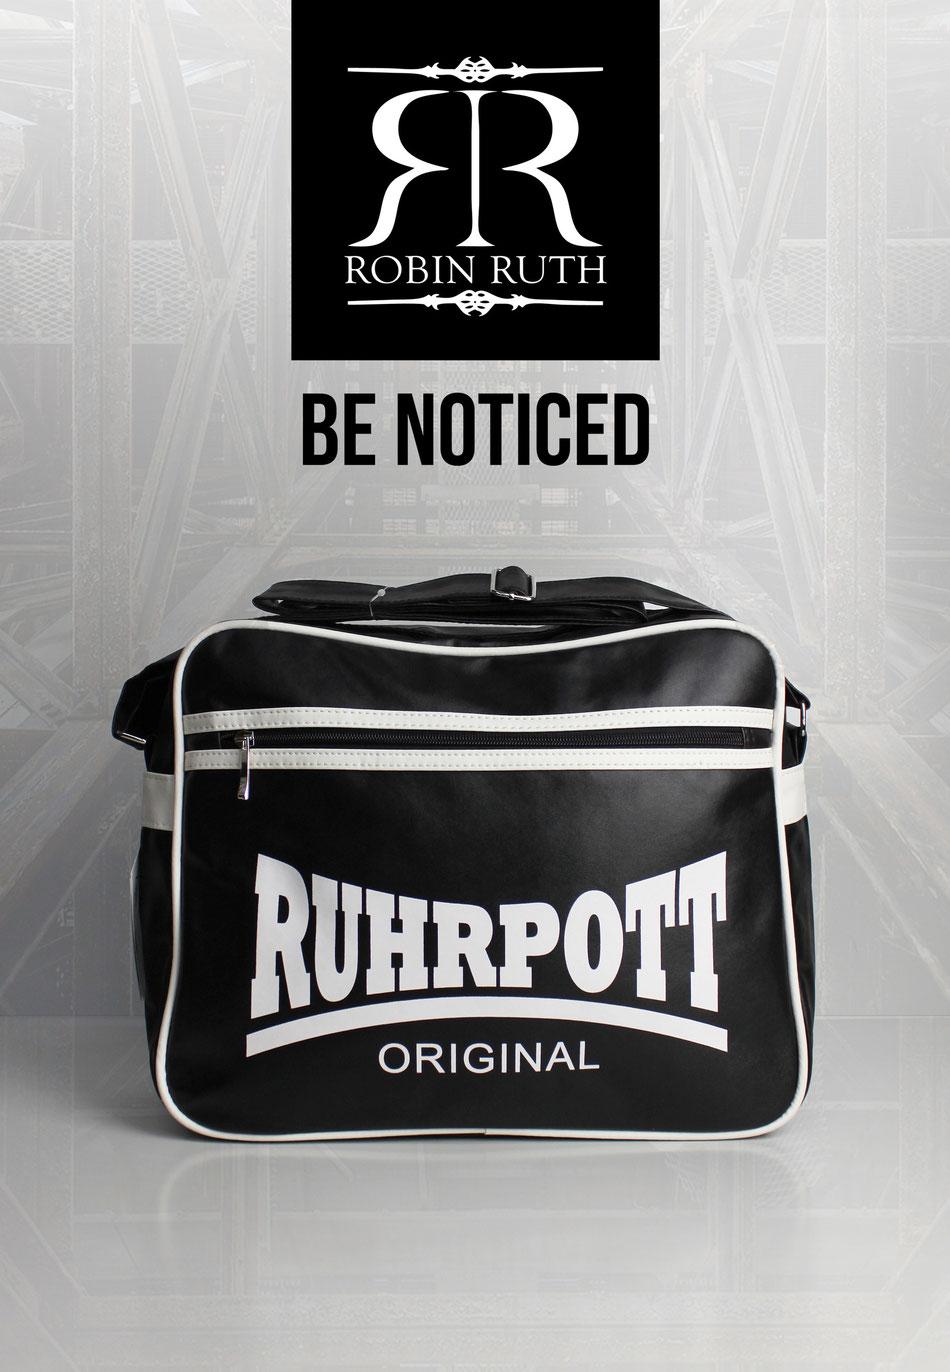 Robin Ruth Ruhrpott